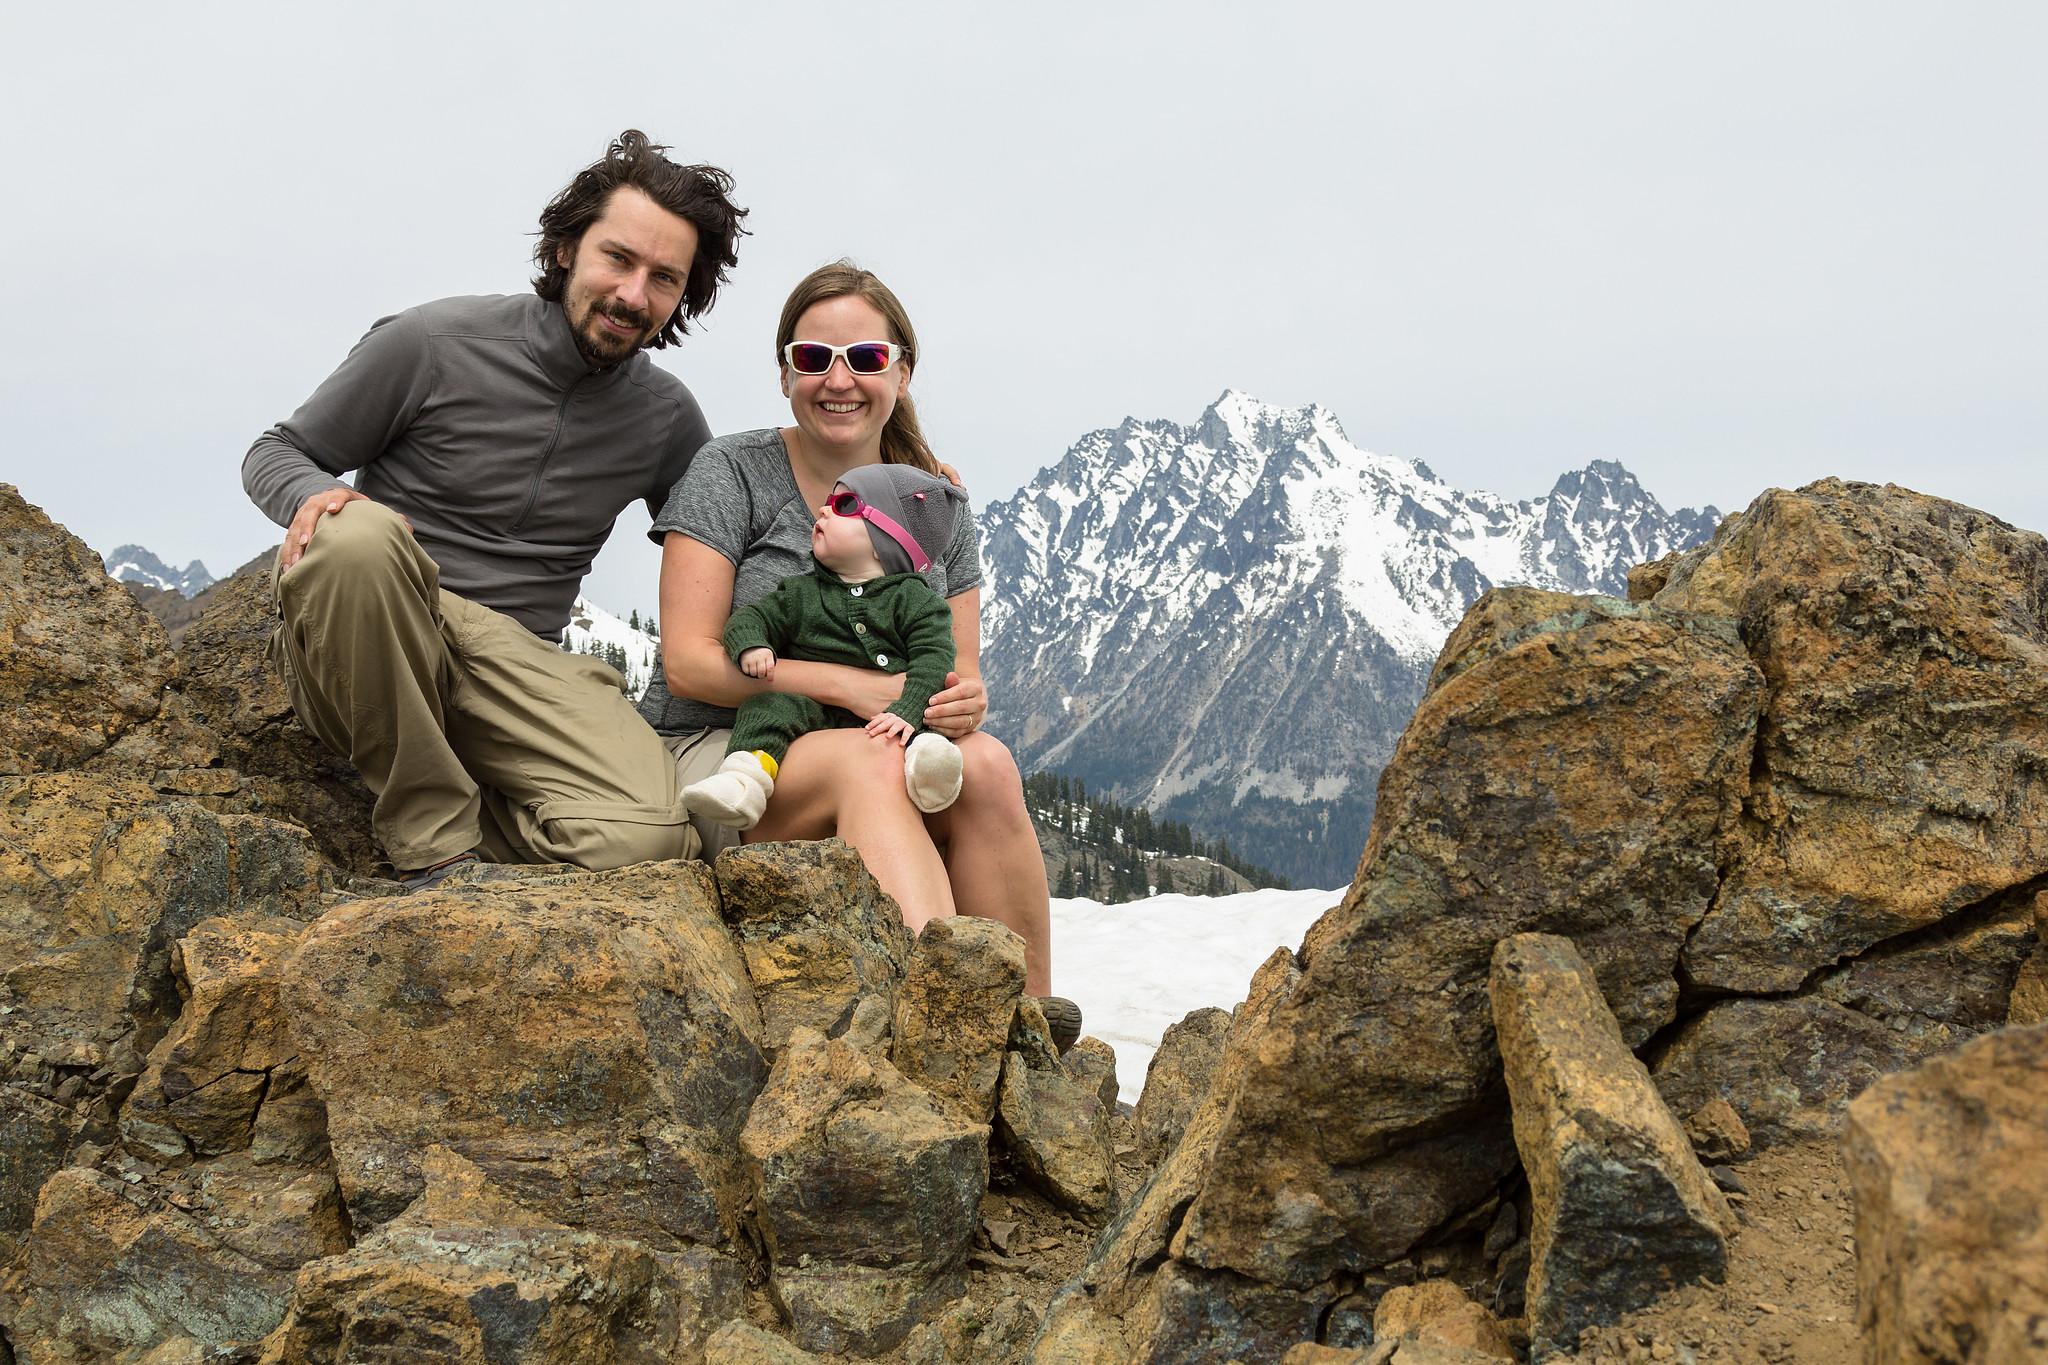 Iron Peak, now with babby